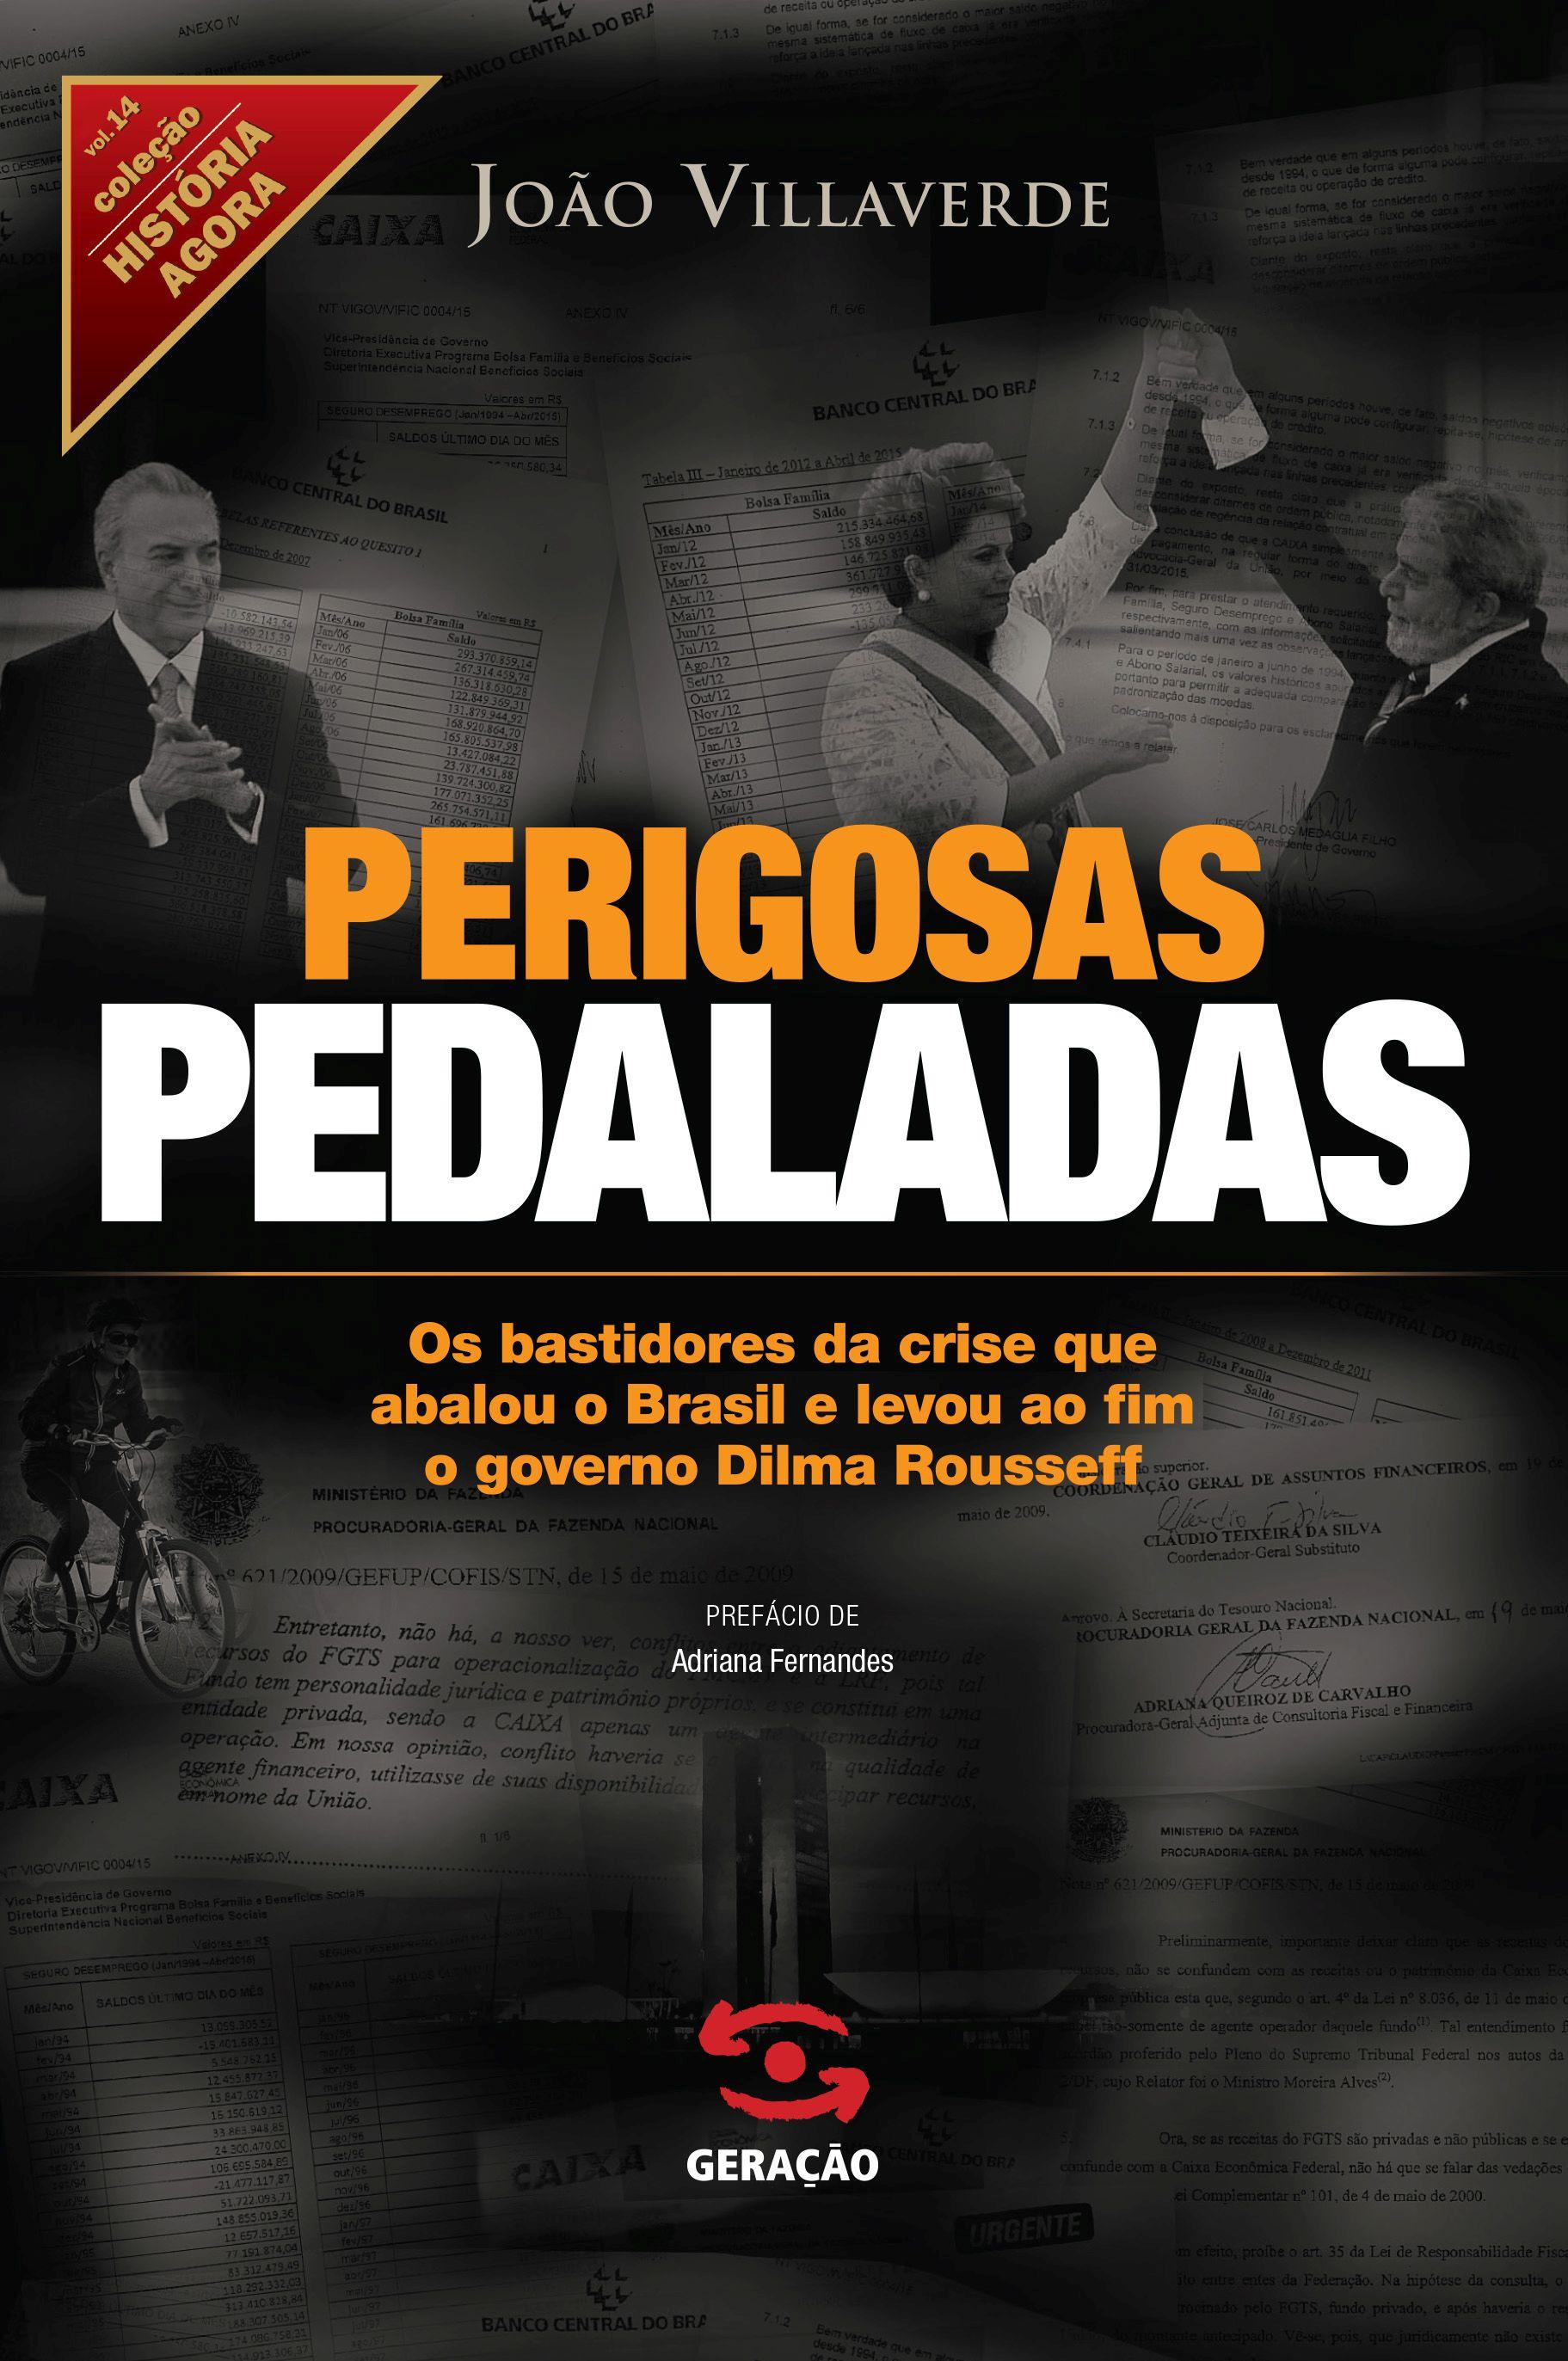 Perigosas Pedaladas: Os Bastidores da Crise Que Abalou o Brasil e Levou ao Fim o Governo Dilma Rousseff, livro de João Villaverde